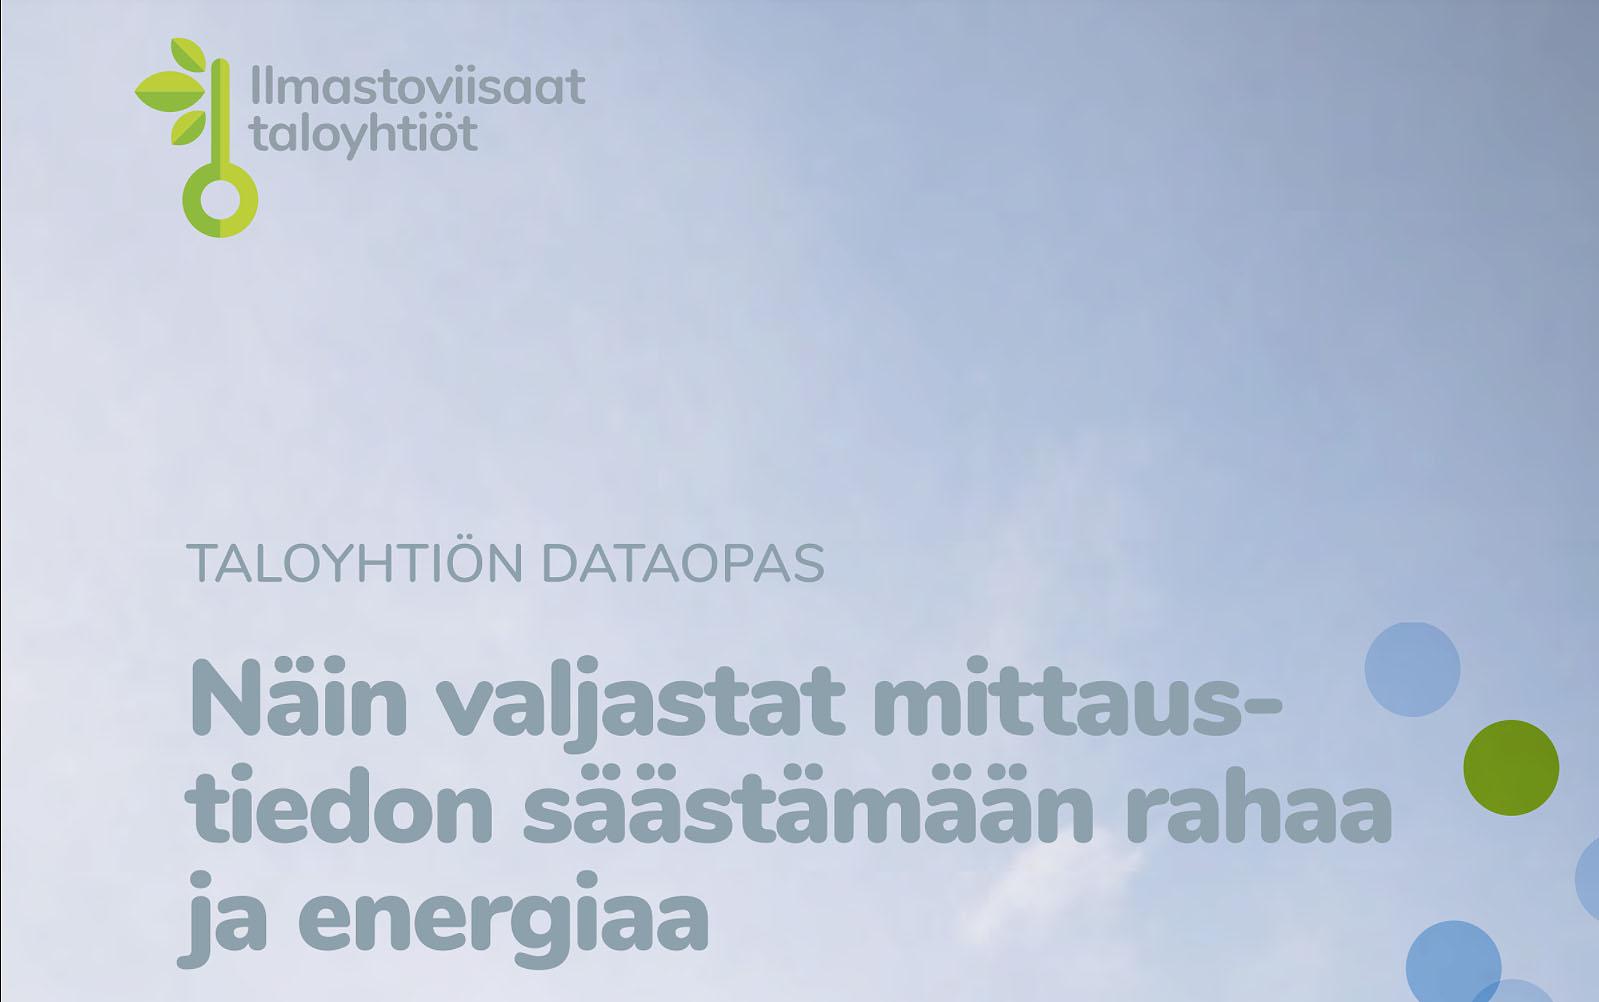 Taloyhtiön dataopas kertoo, miten valjastat mittaustiedon säästämään rahaa ja energiaa